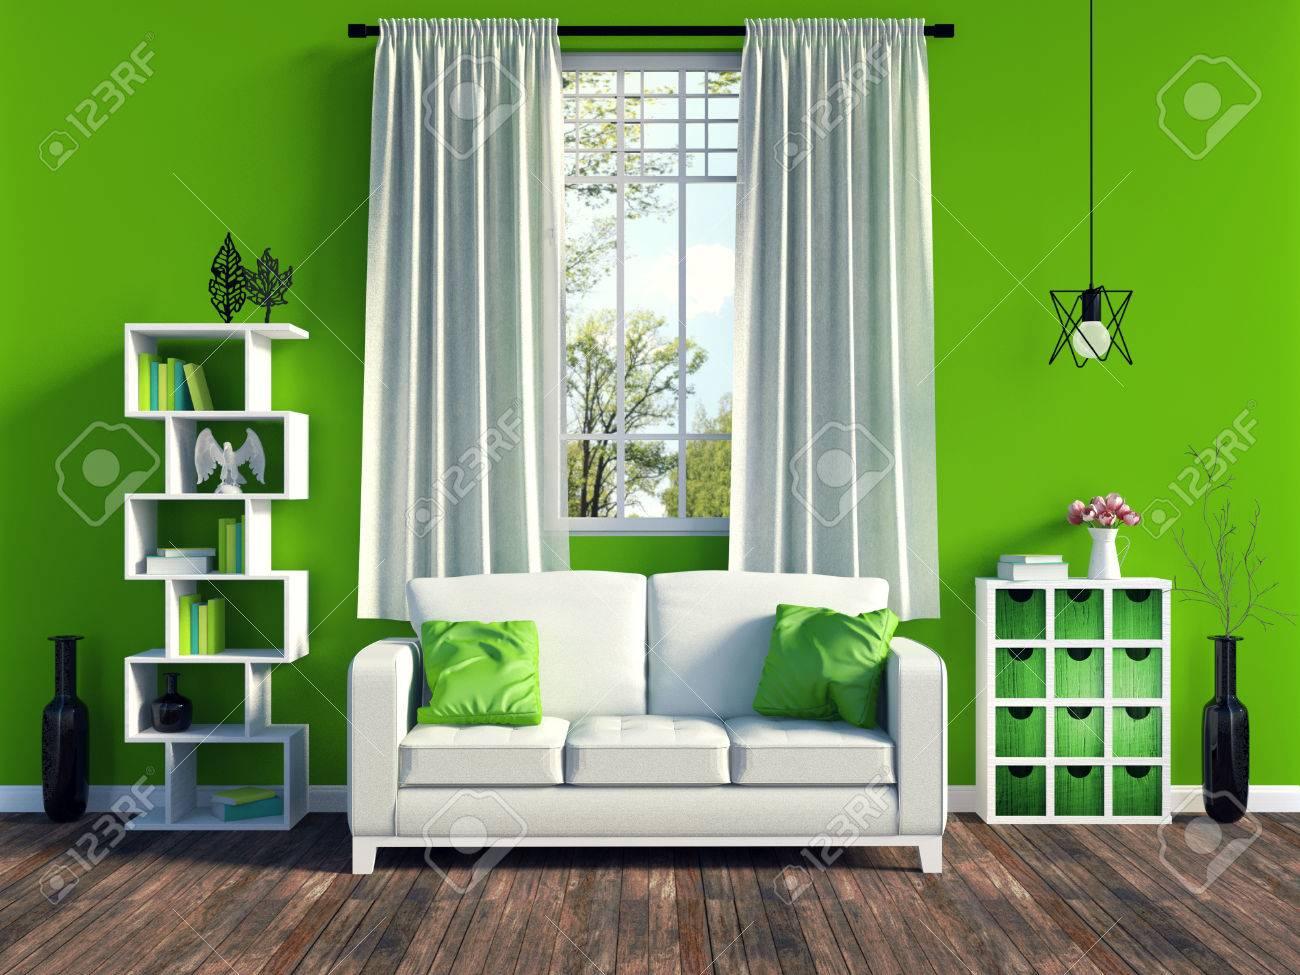 Salon de salon vert moderne avec canapé blanc et meubles et vieux plancher  en bois, rendu 3D